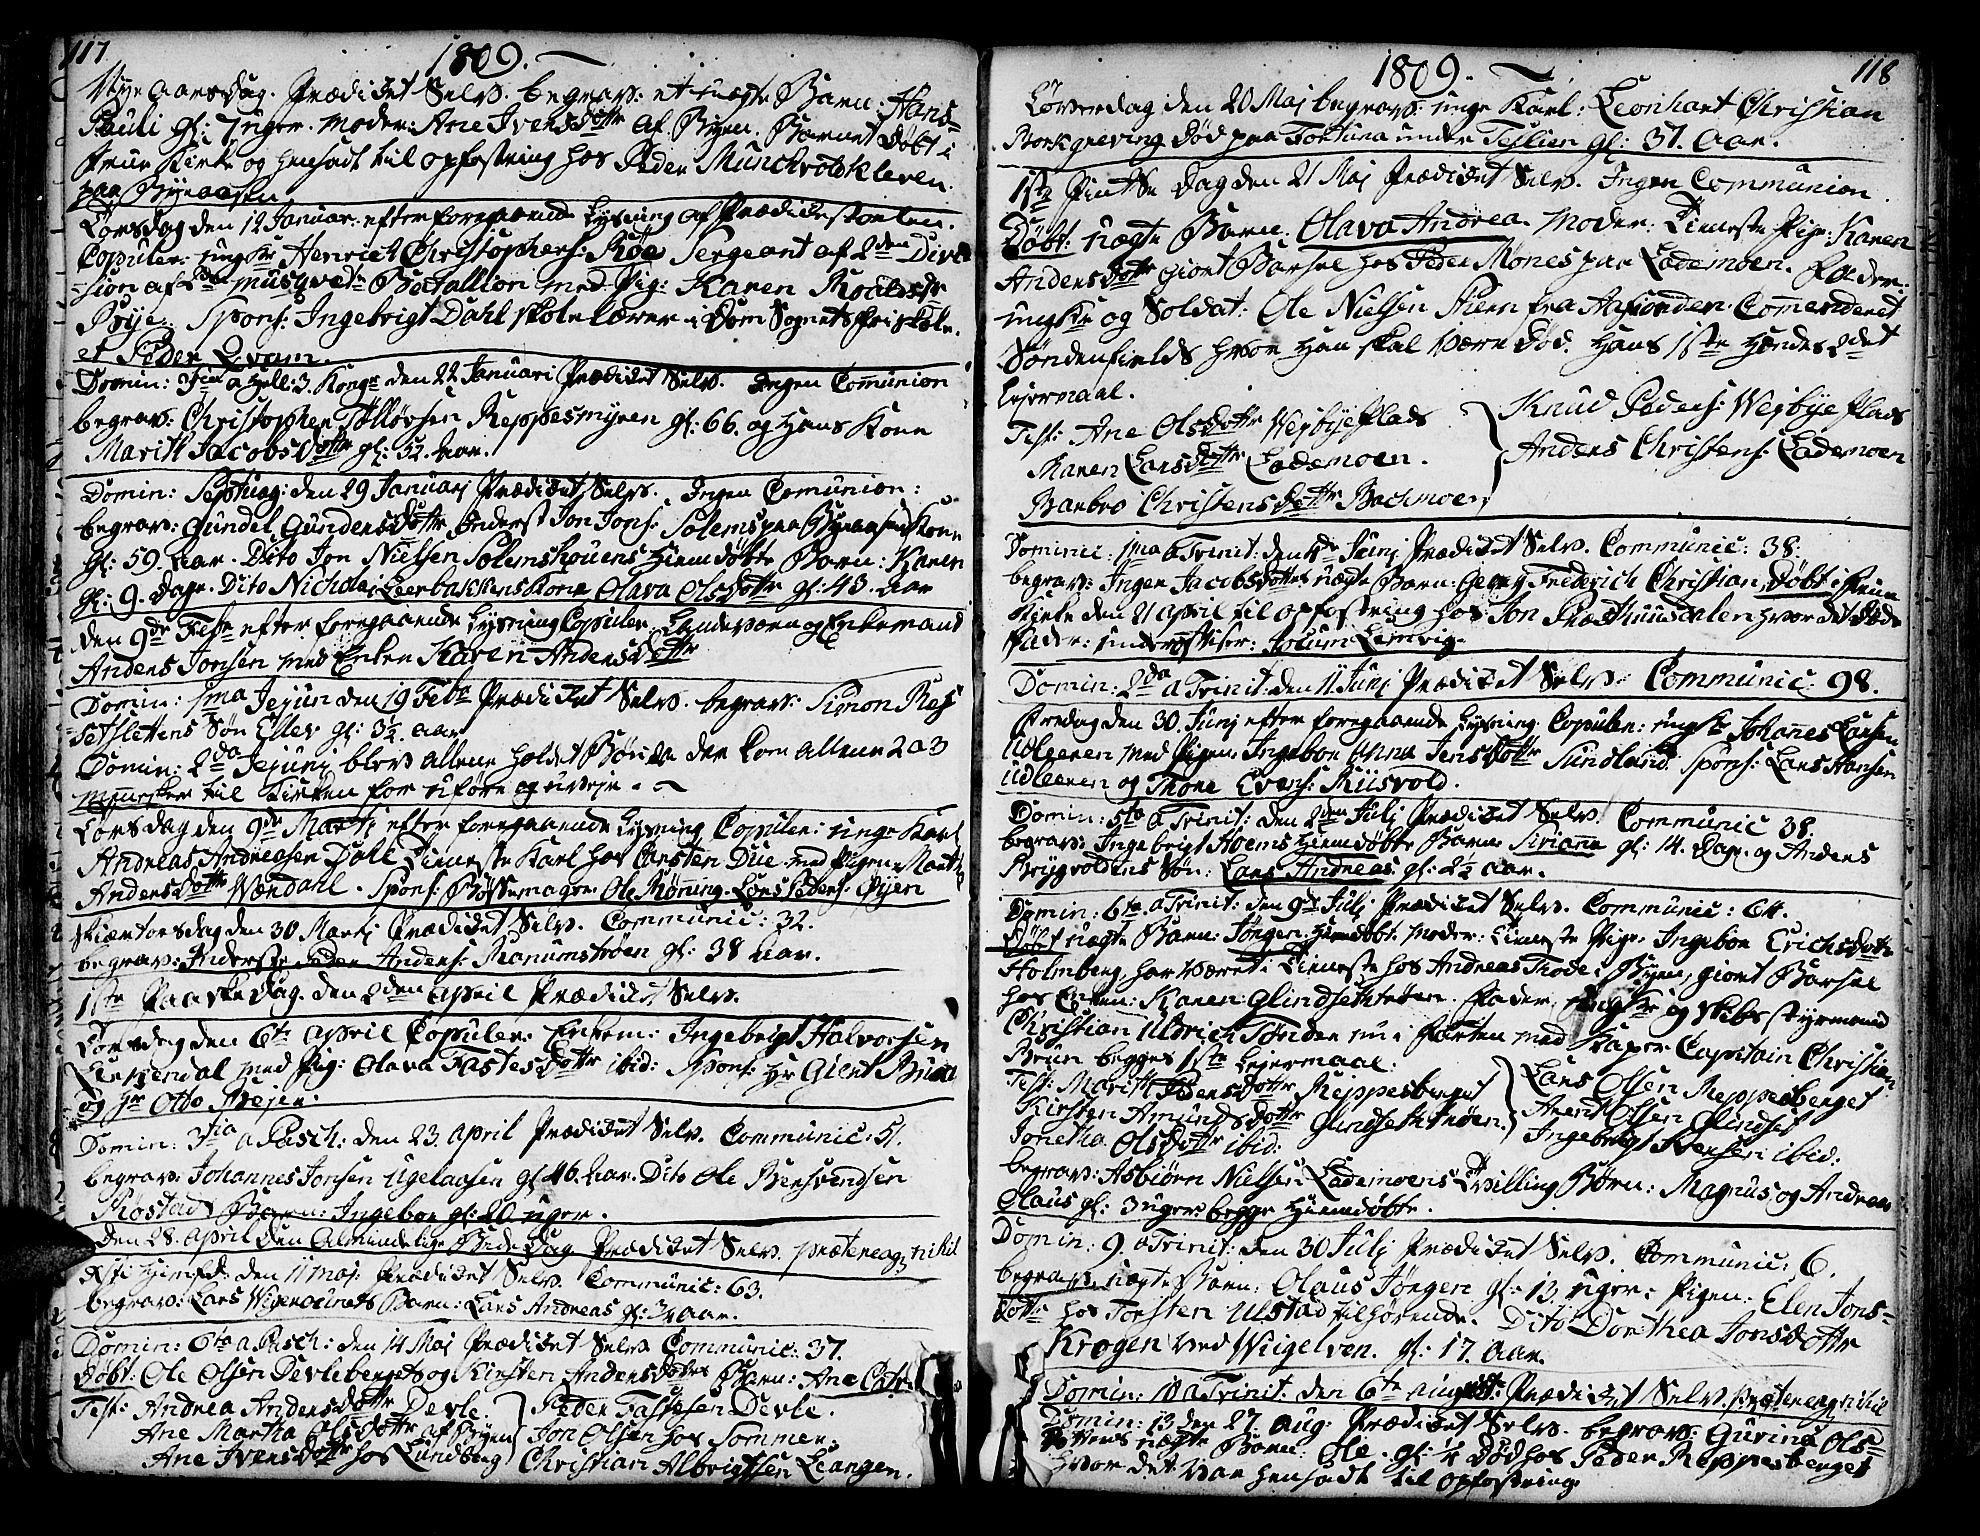 SAT, Ministerialprotokoller, klokkerbøker og fødselsregistre - Sør-Trøndelag, 606/L0280: Ministerialbok nr. 606A02 /1, 1781-1817, s. 117-118